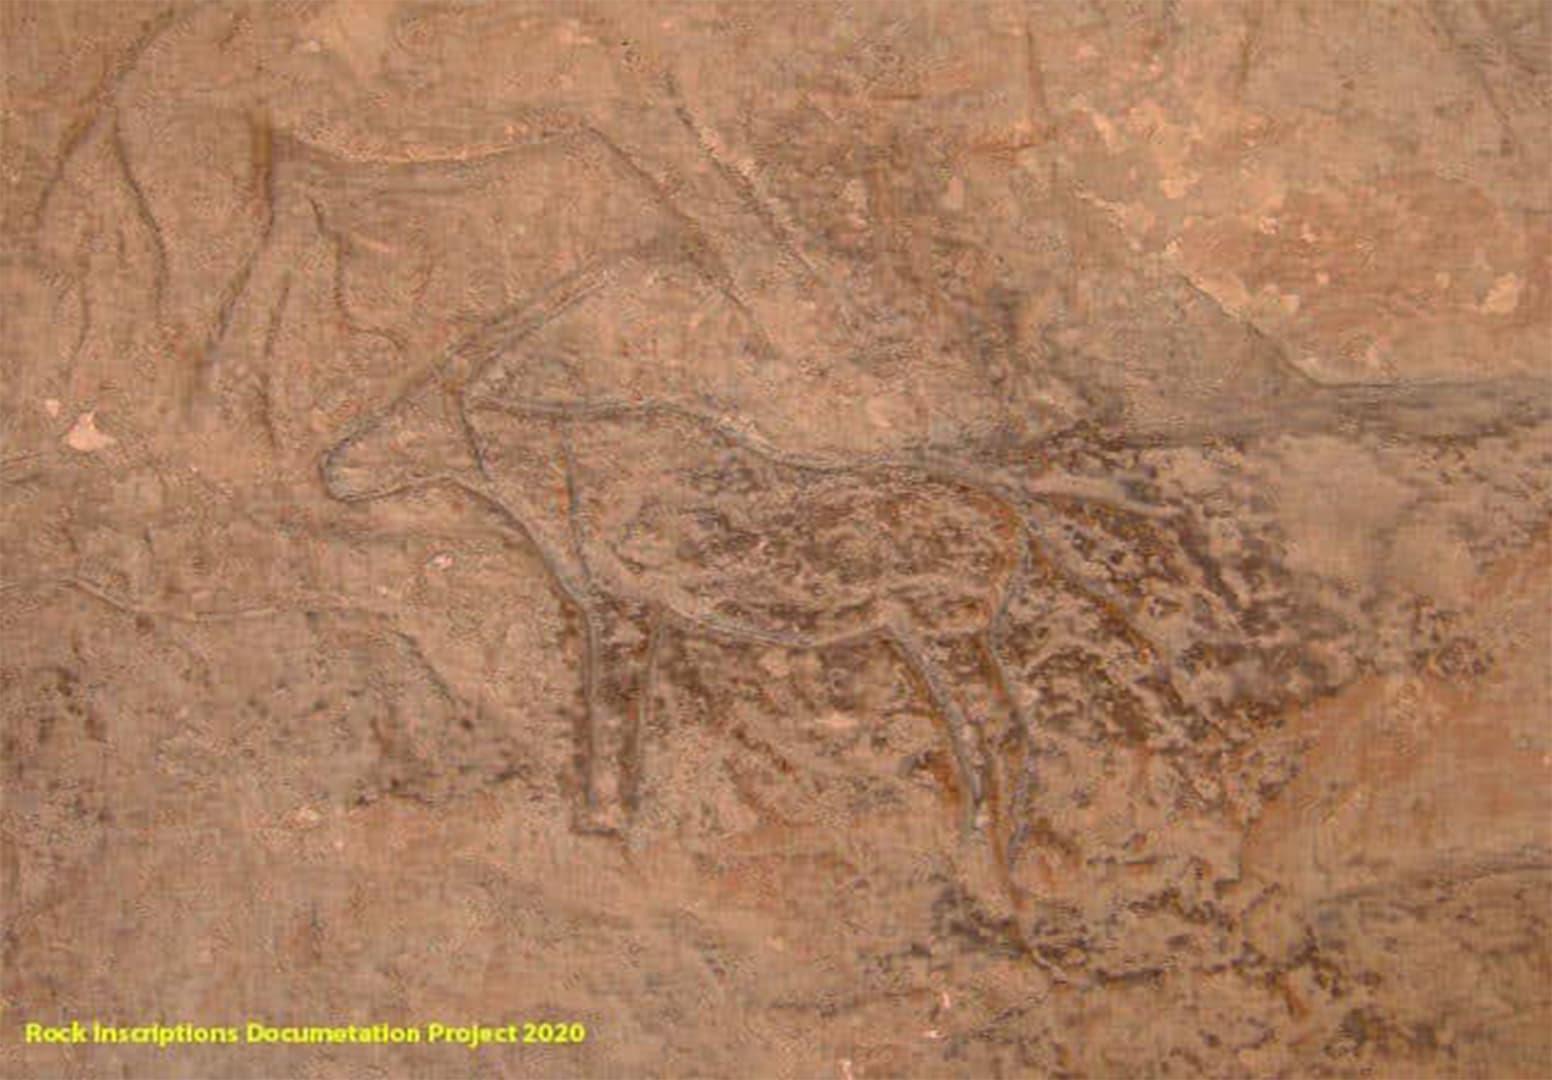 اكتشاف كهف أثري فريد يضم مناظر منحوتة متنوعة بمنطقة آثار شمال سيناء في مصر